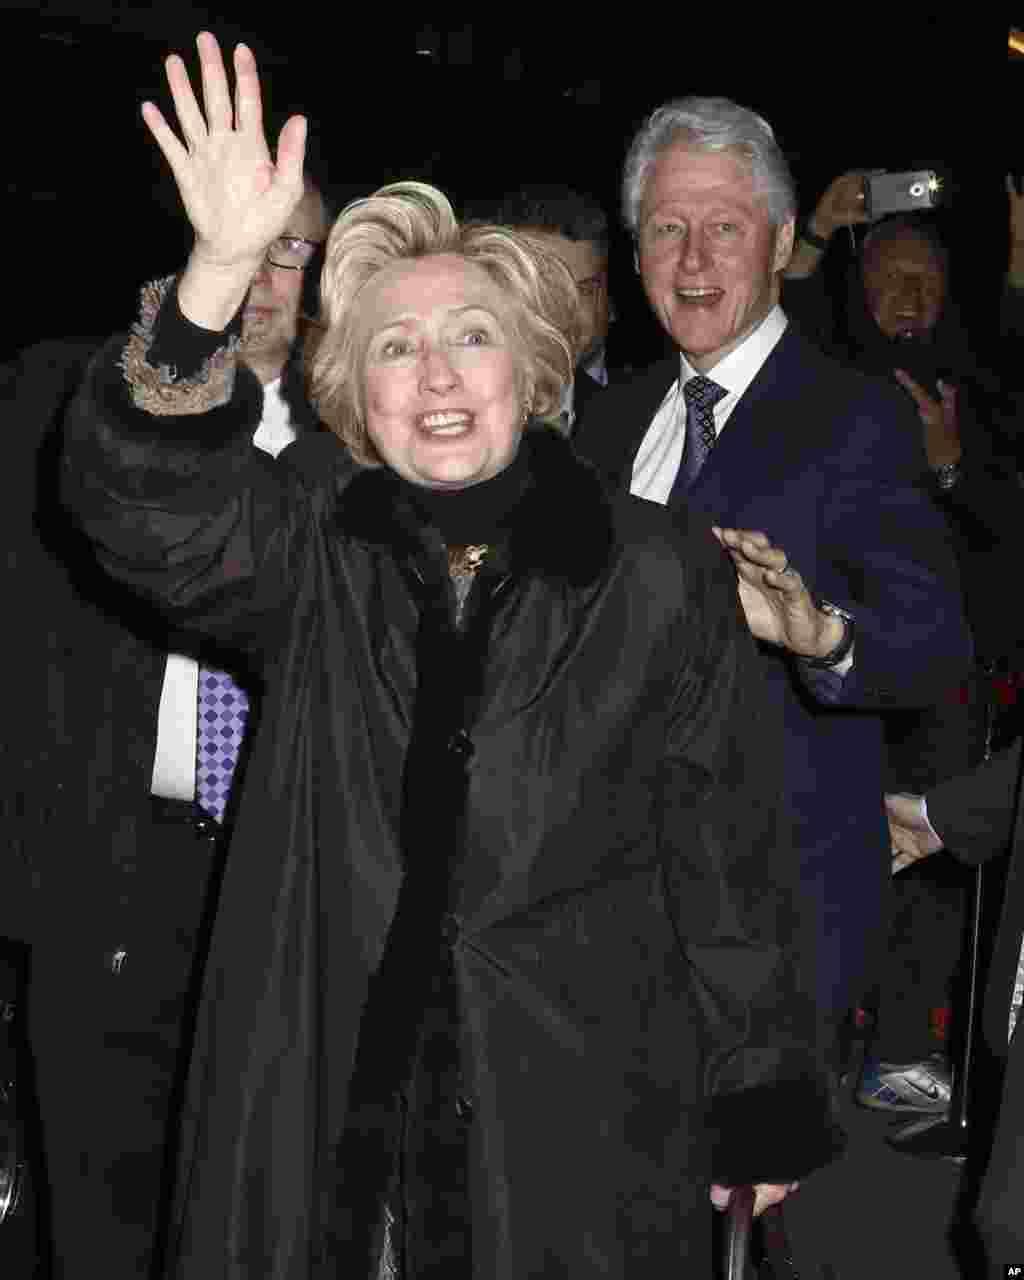 """По признанию Клинтон, оправиться после поражения на выборах ей помогла семья, друзья, прогулки в лесу, молитвы, красное вино - и бродвейские шоу. На фото - Хиллари и Билл Клинтон после посещения бродвейского мюзикла """"В пути"""" (""""In Transit""""), 1 февраля 2017."""